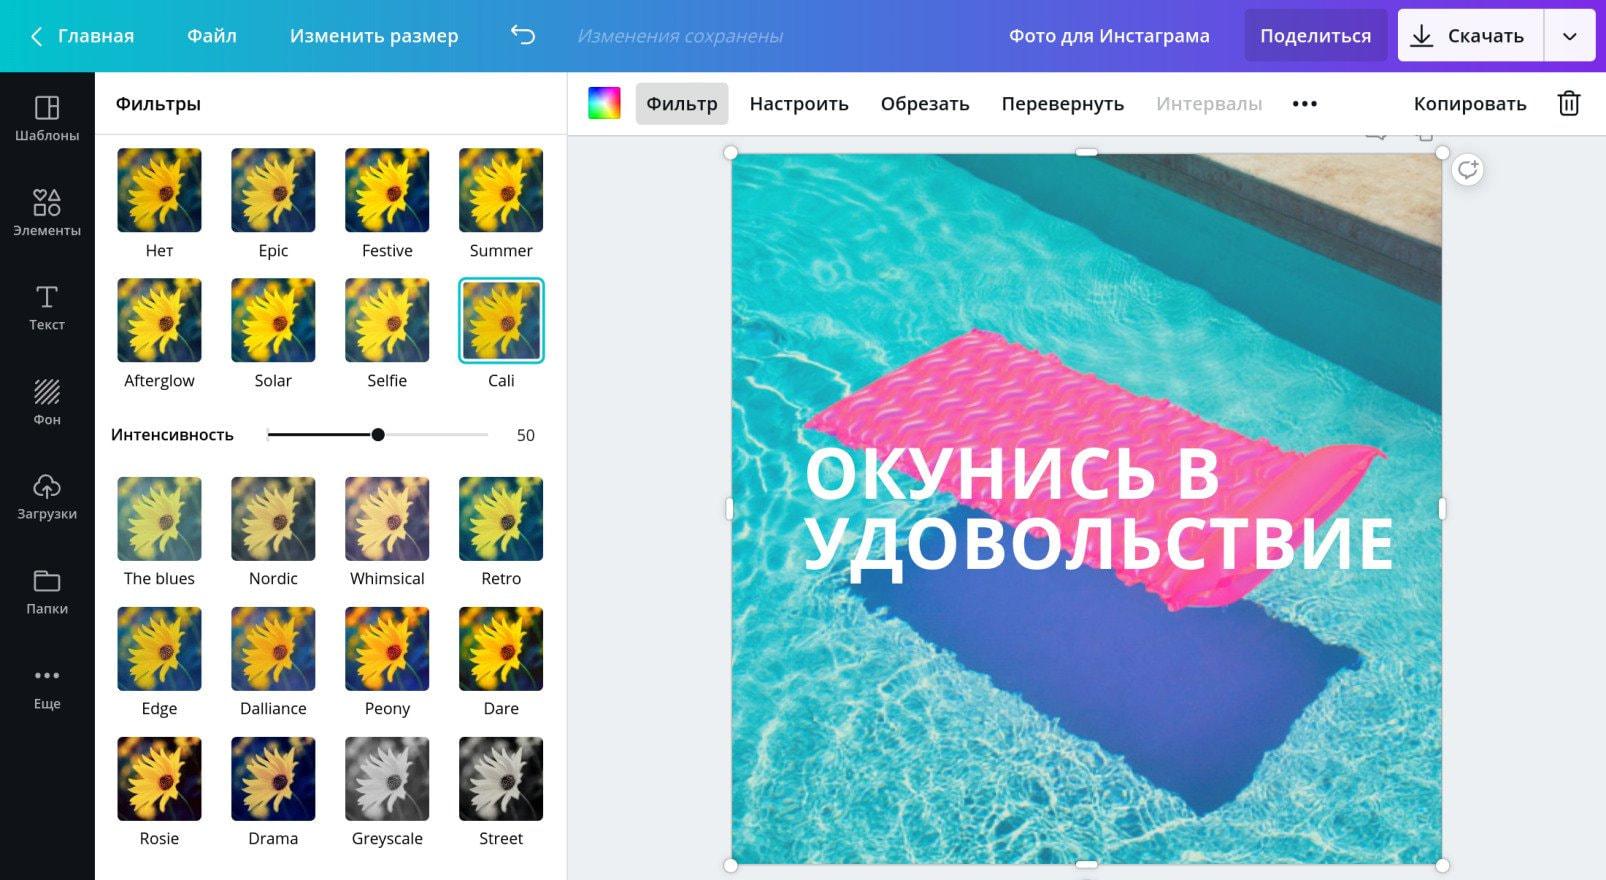 Обработка снимка в фоторедакторе для Инстаграма на русском языке